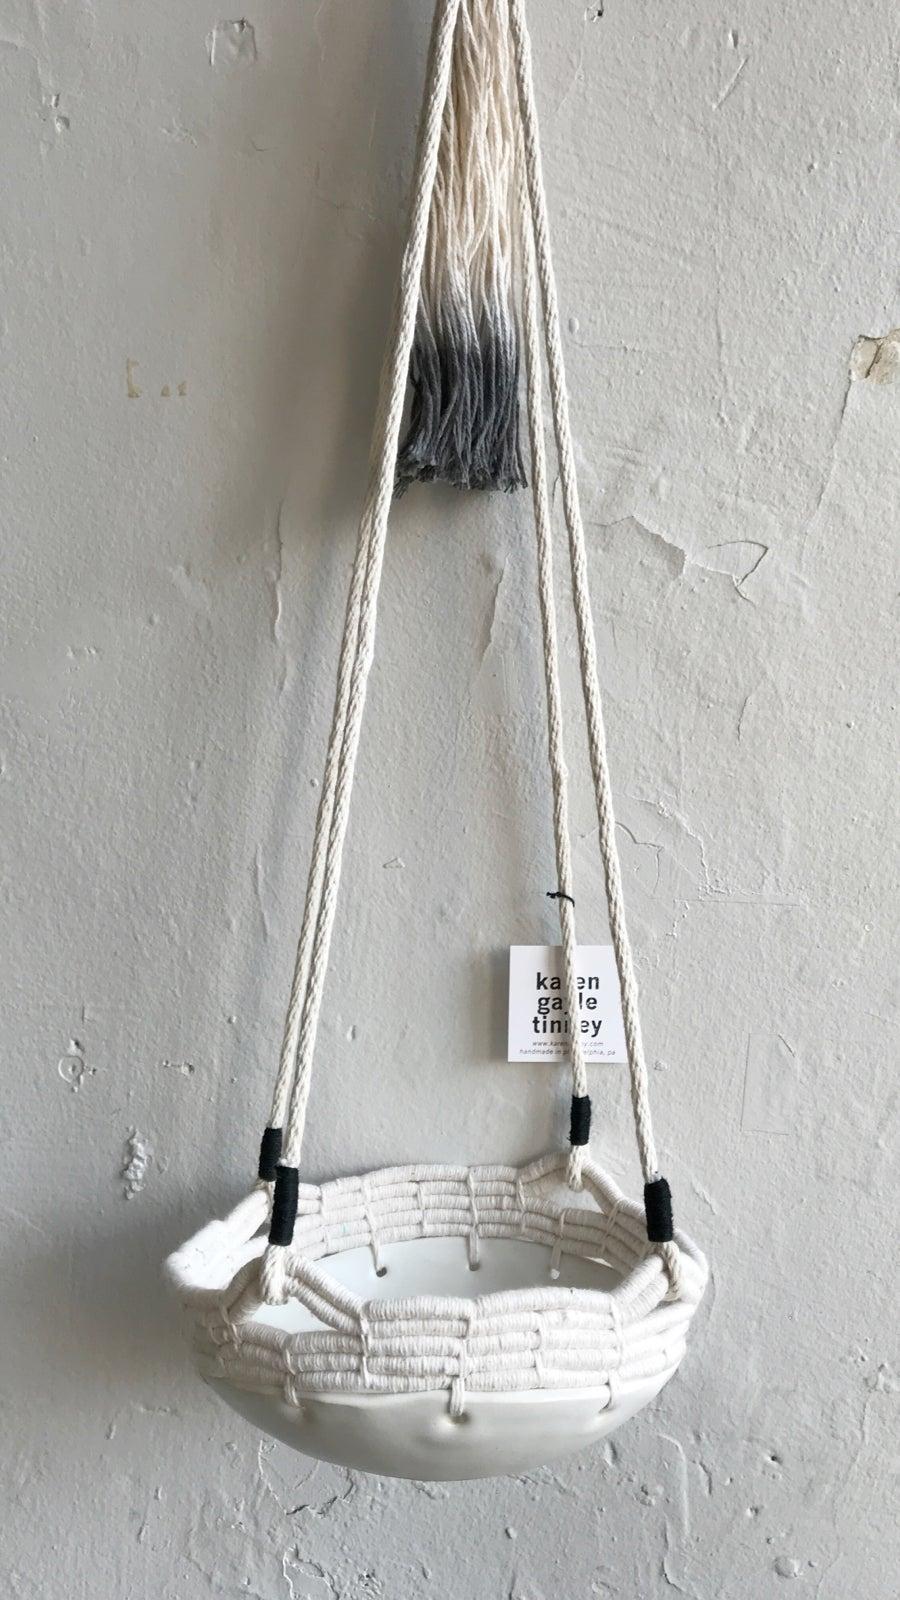 Image of Karen Gayle Tinney Hanging Stoneware Basket